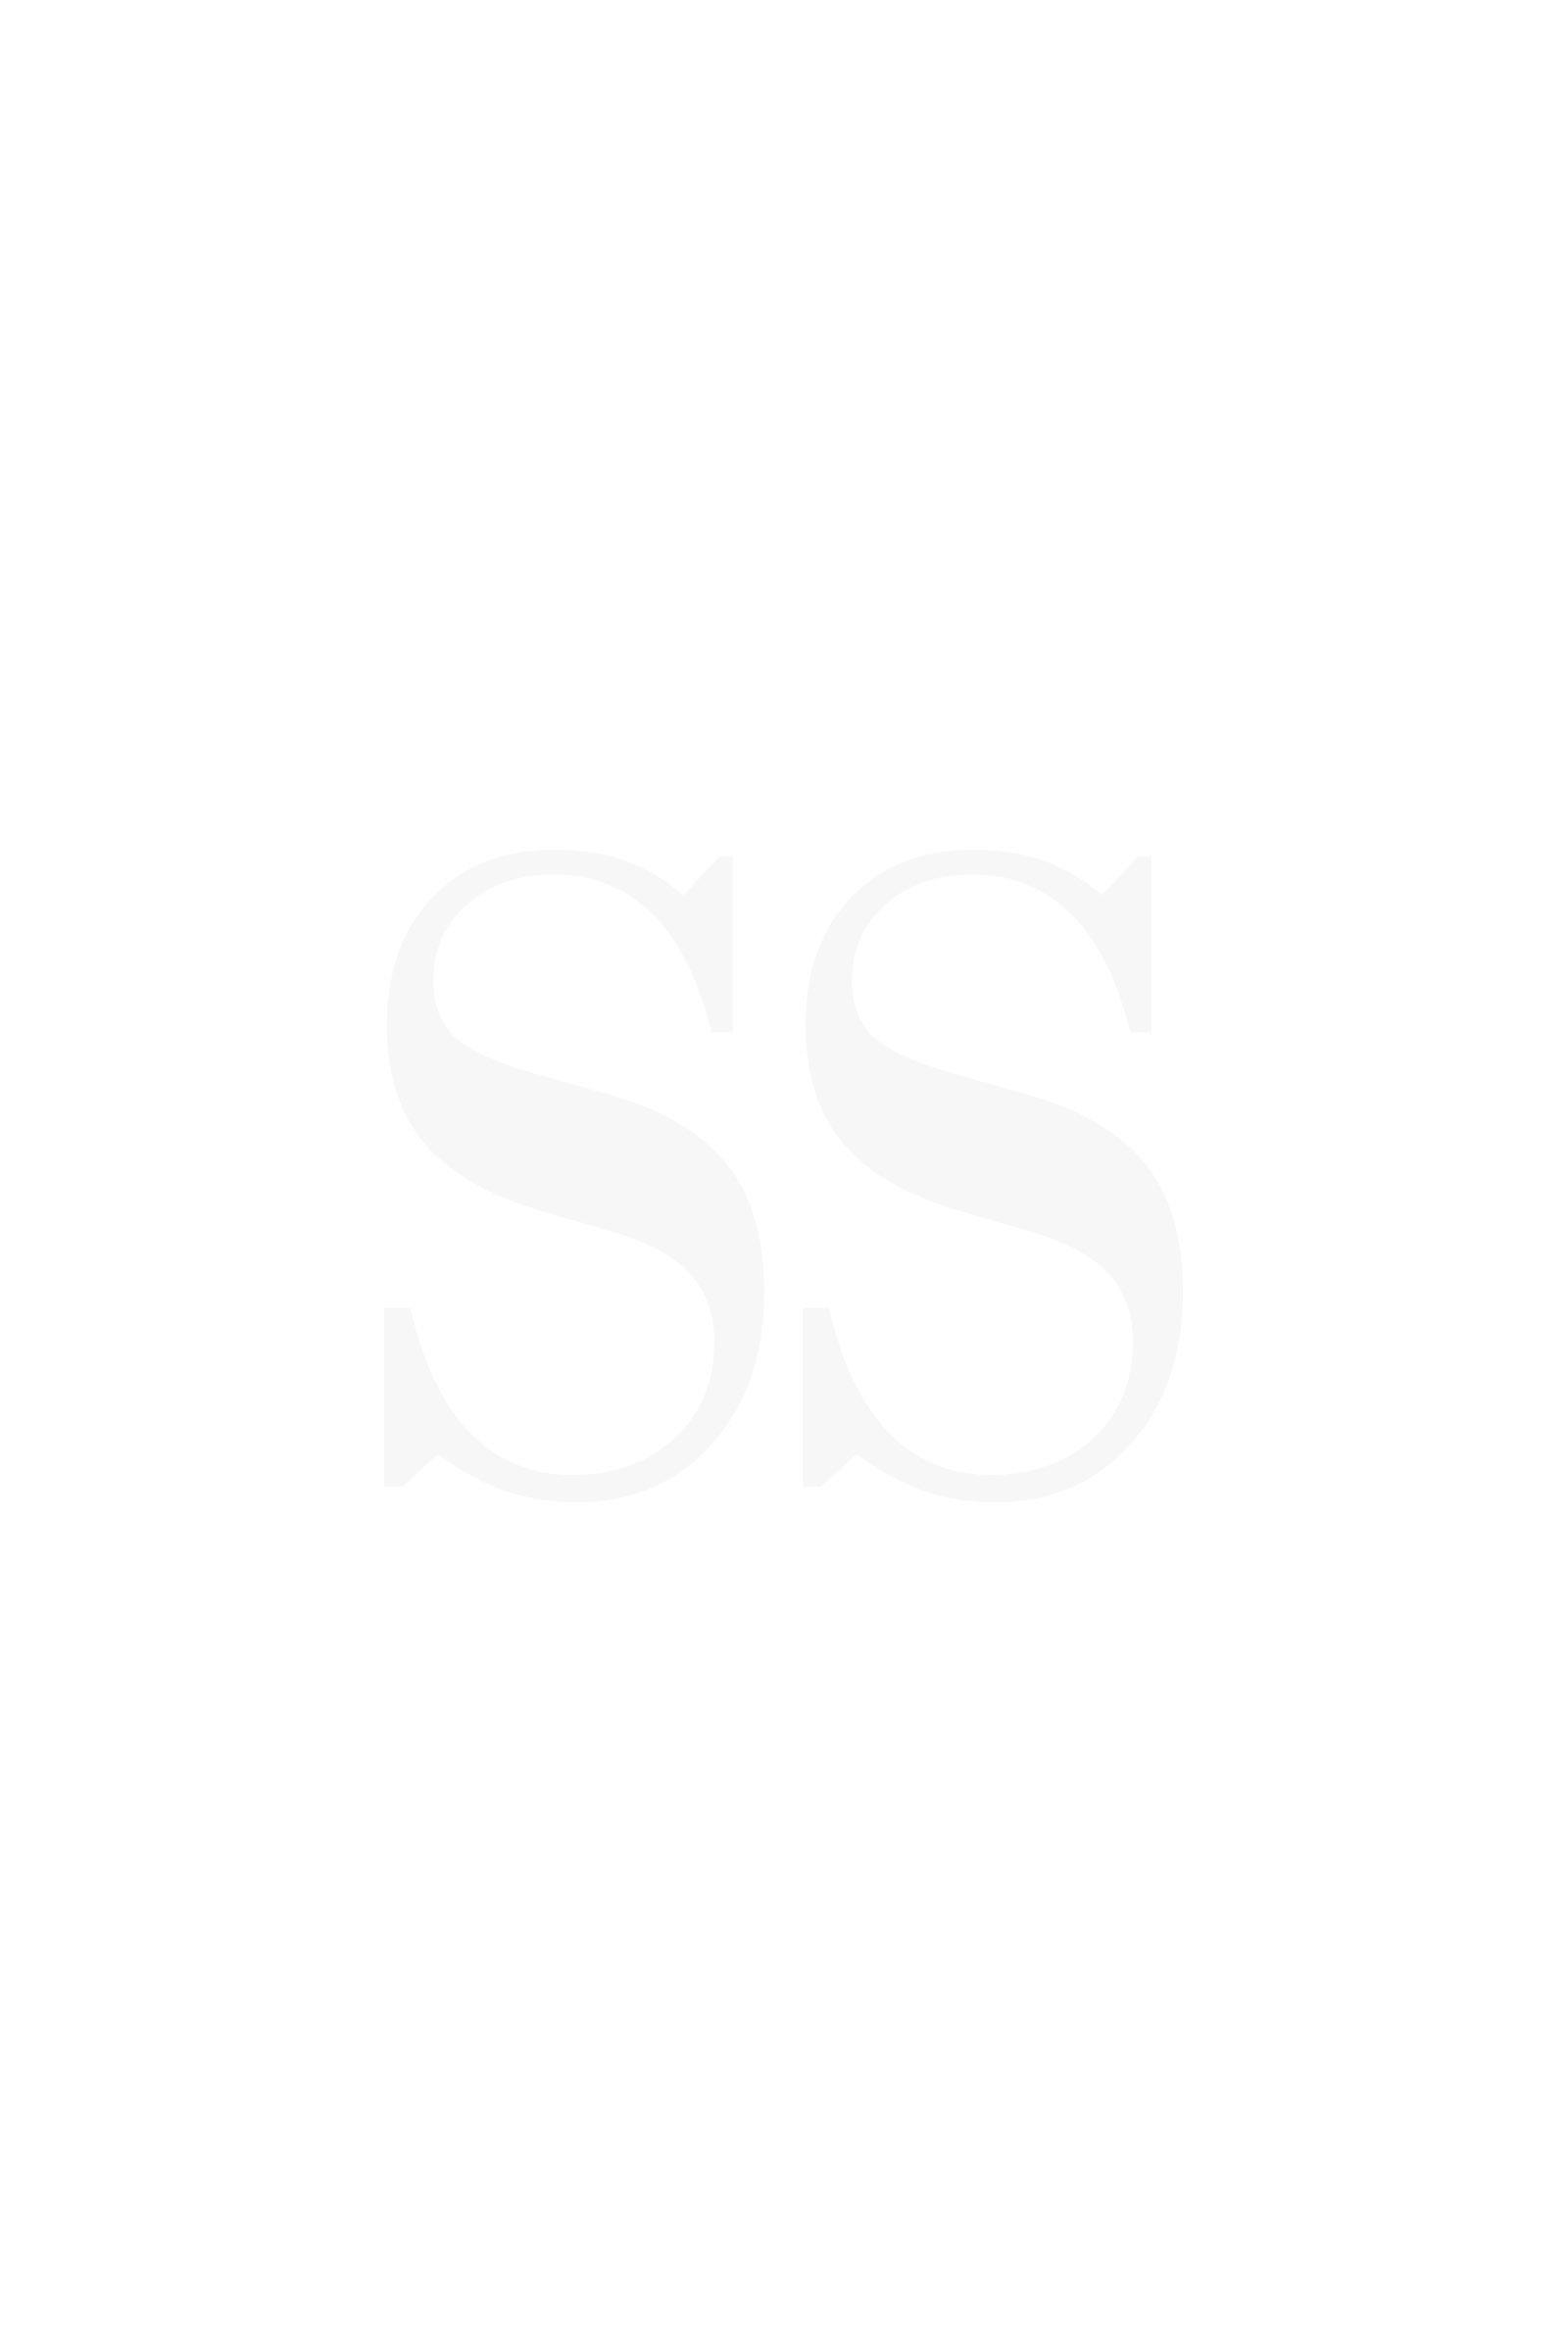 L GOLD-BAG19003